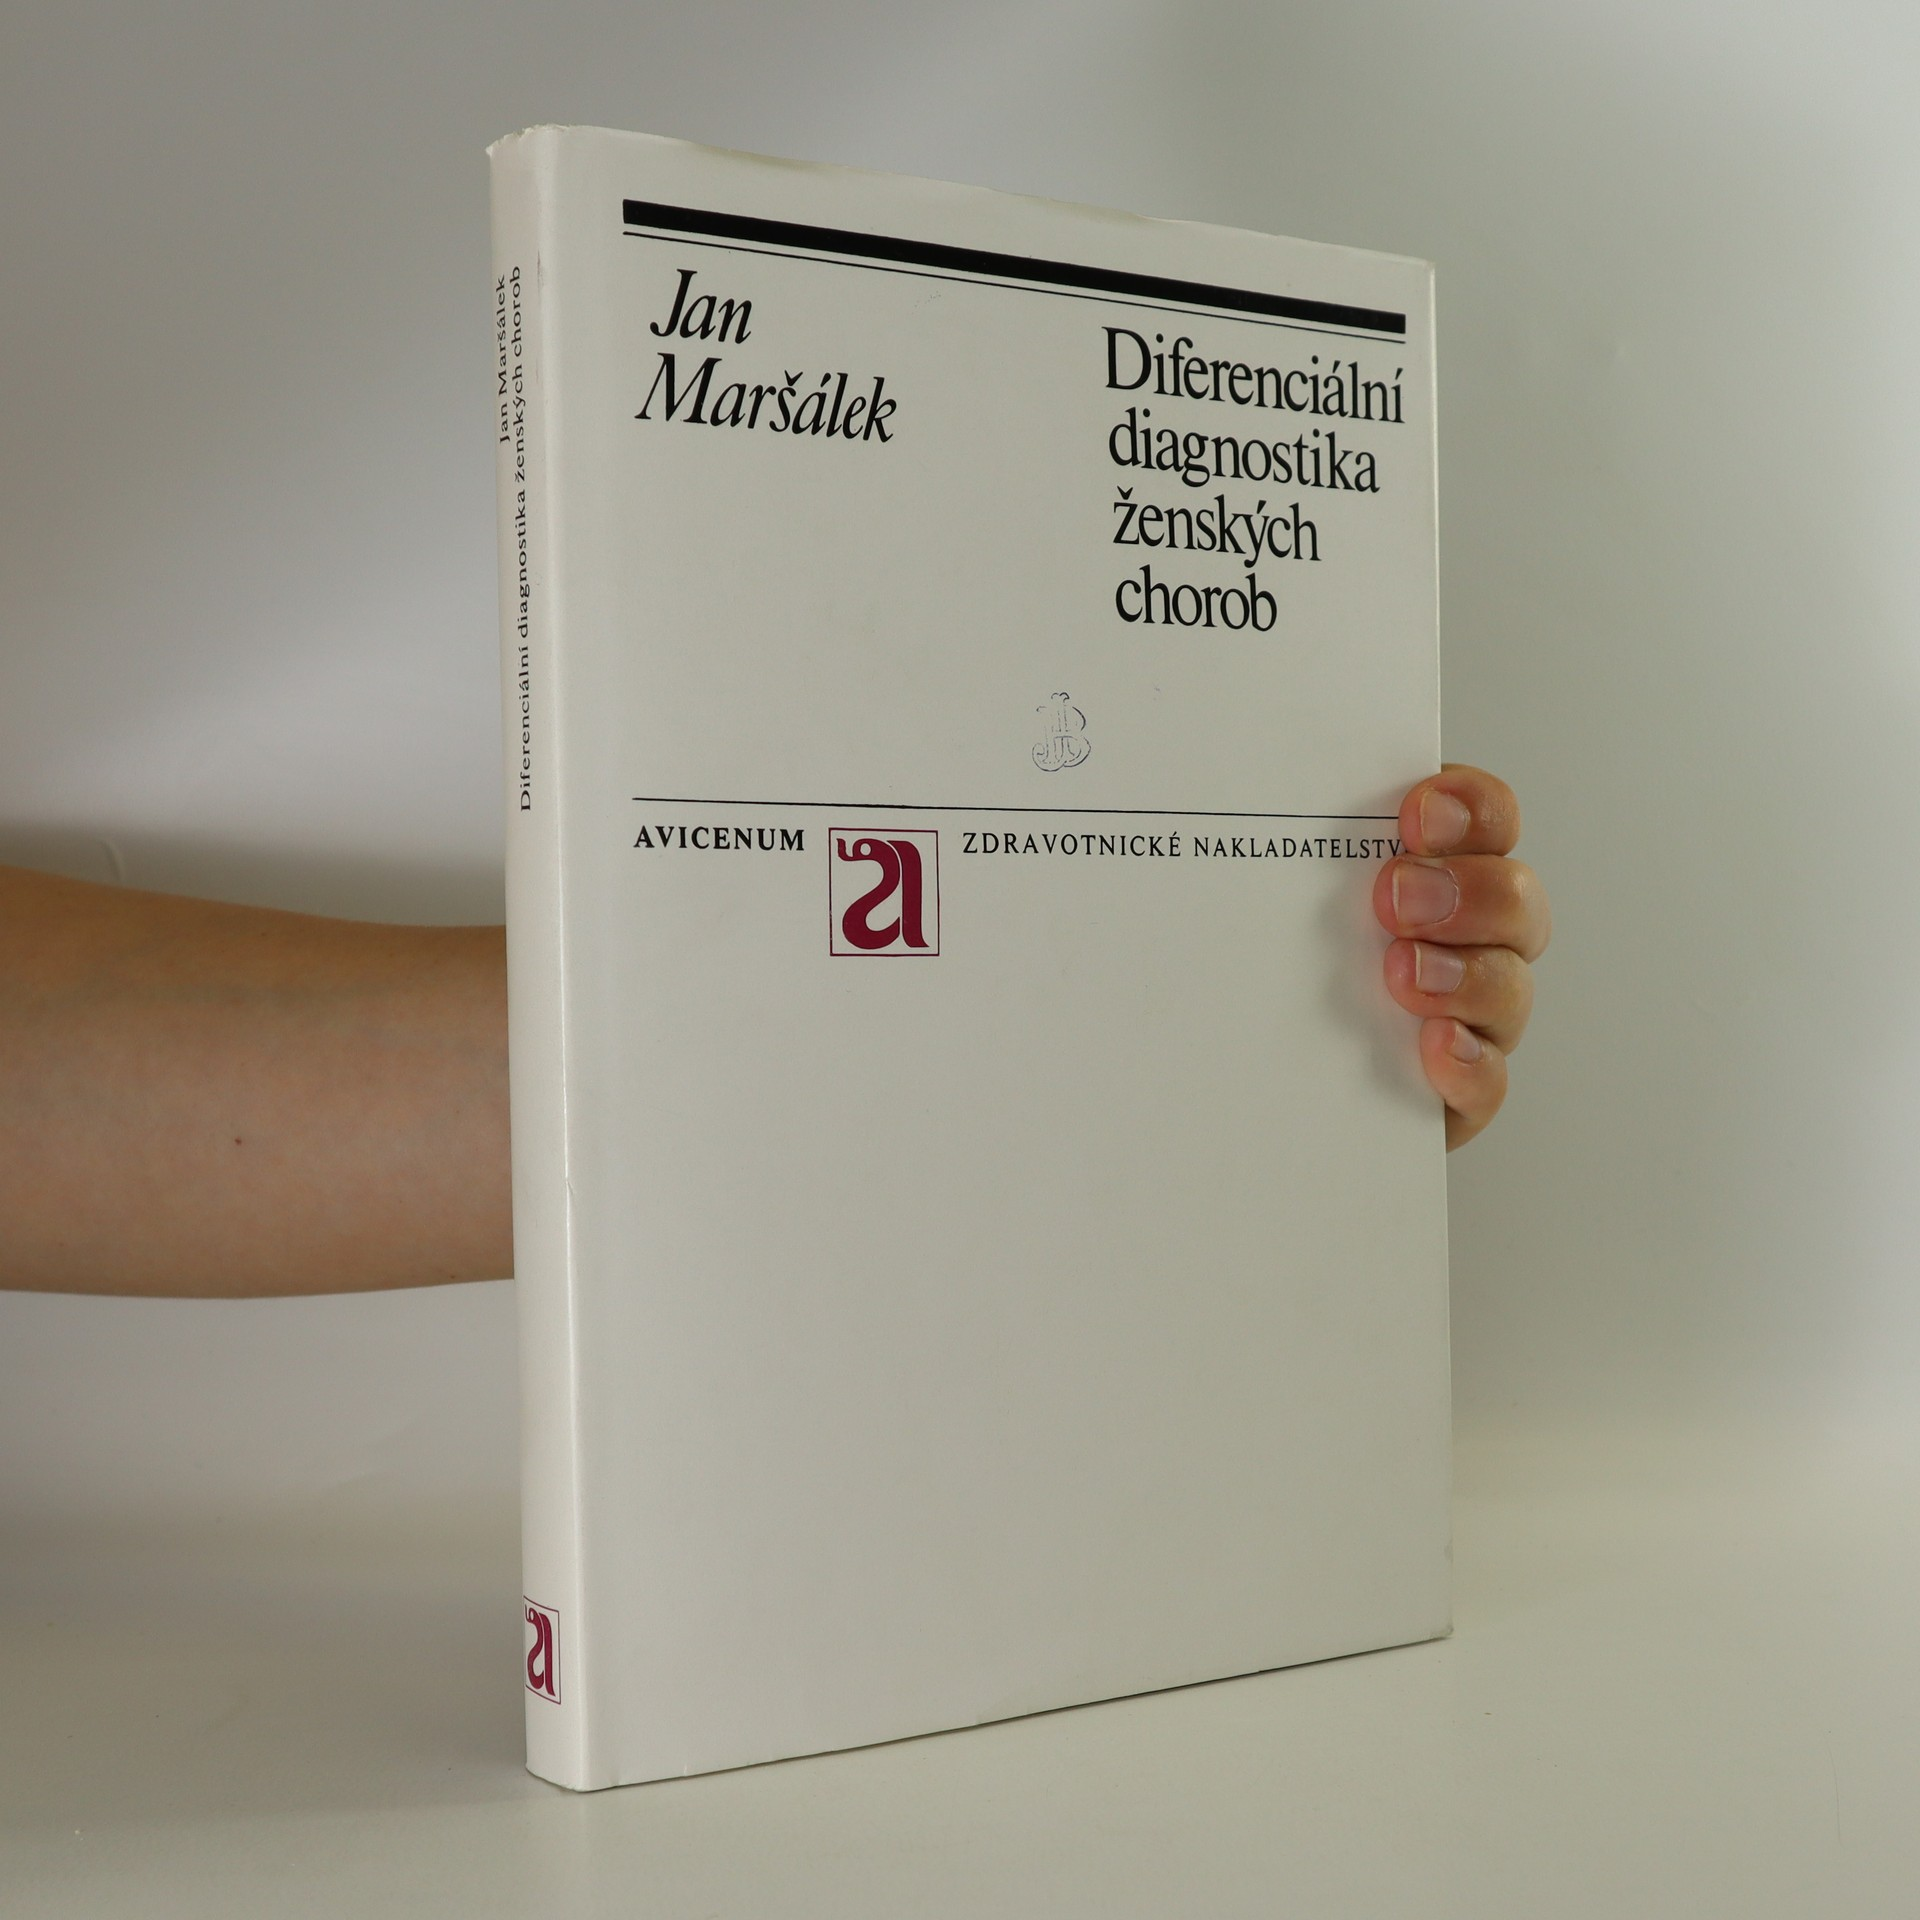 antikvární kniha Diferenciální diagnostika ženských chorob, 1973